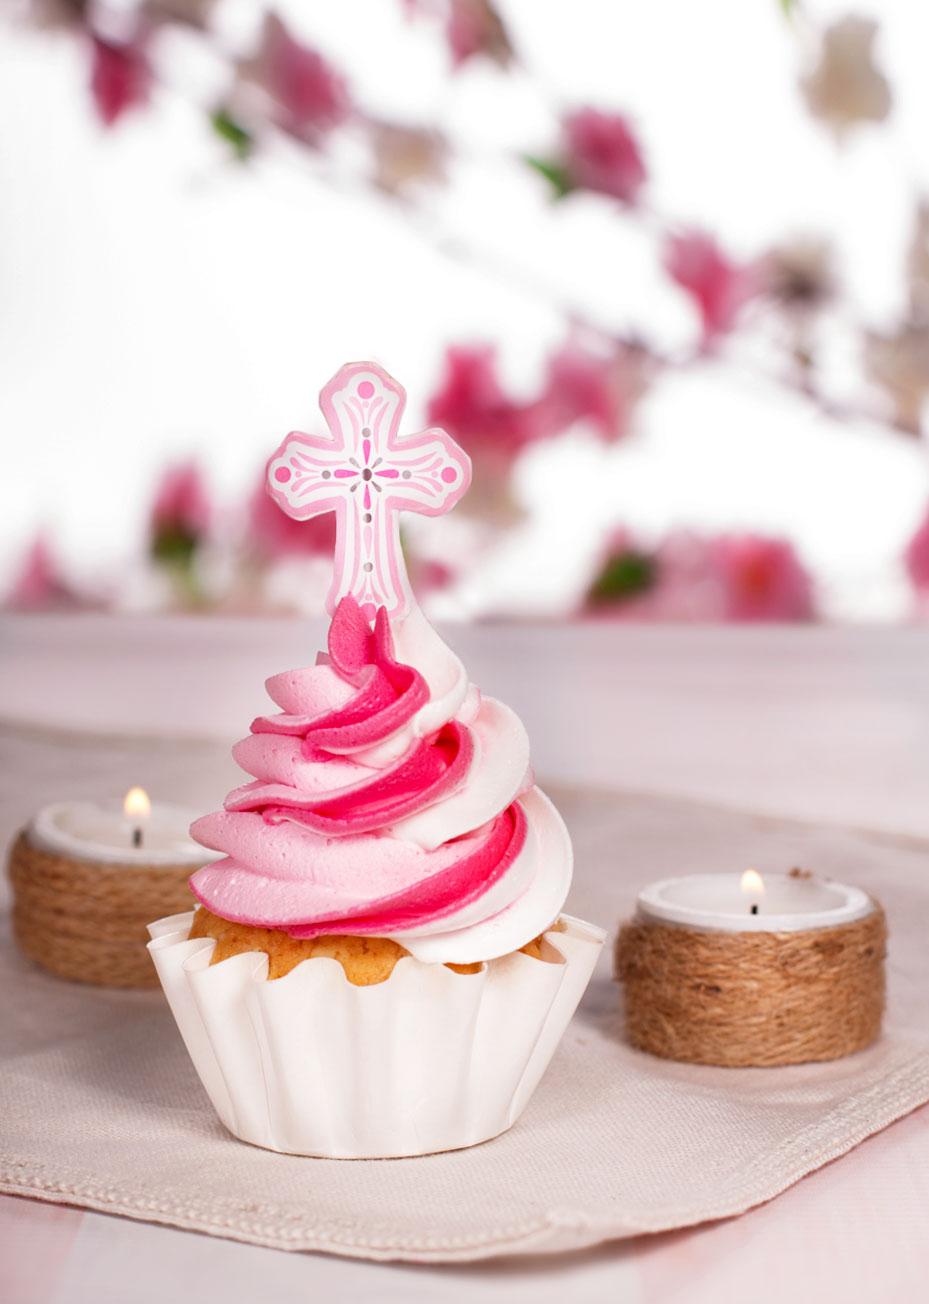 cupcakes-sabor-princesa-y-crema-encantada